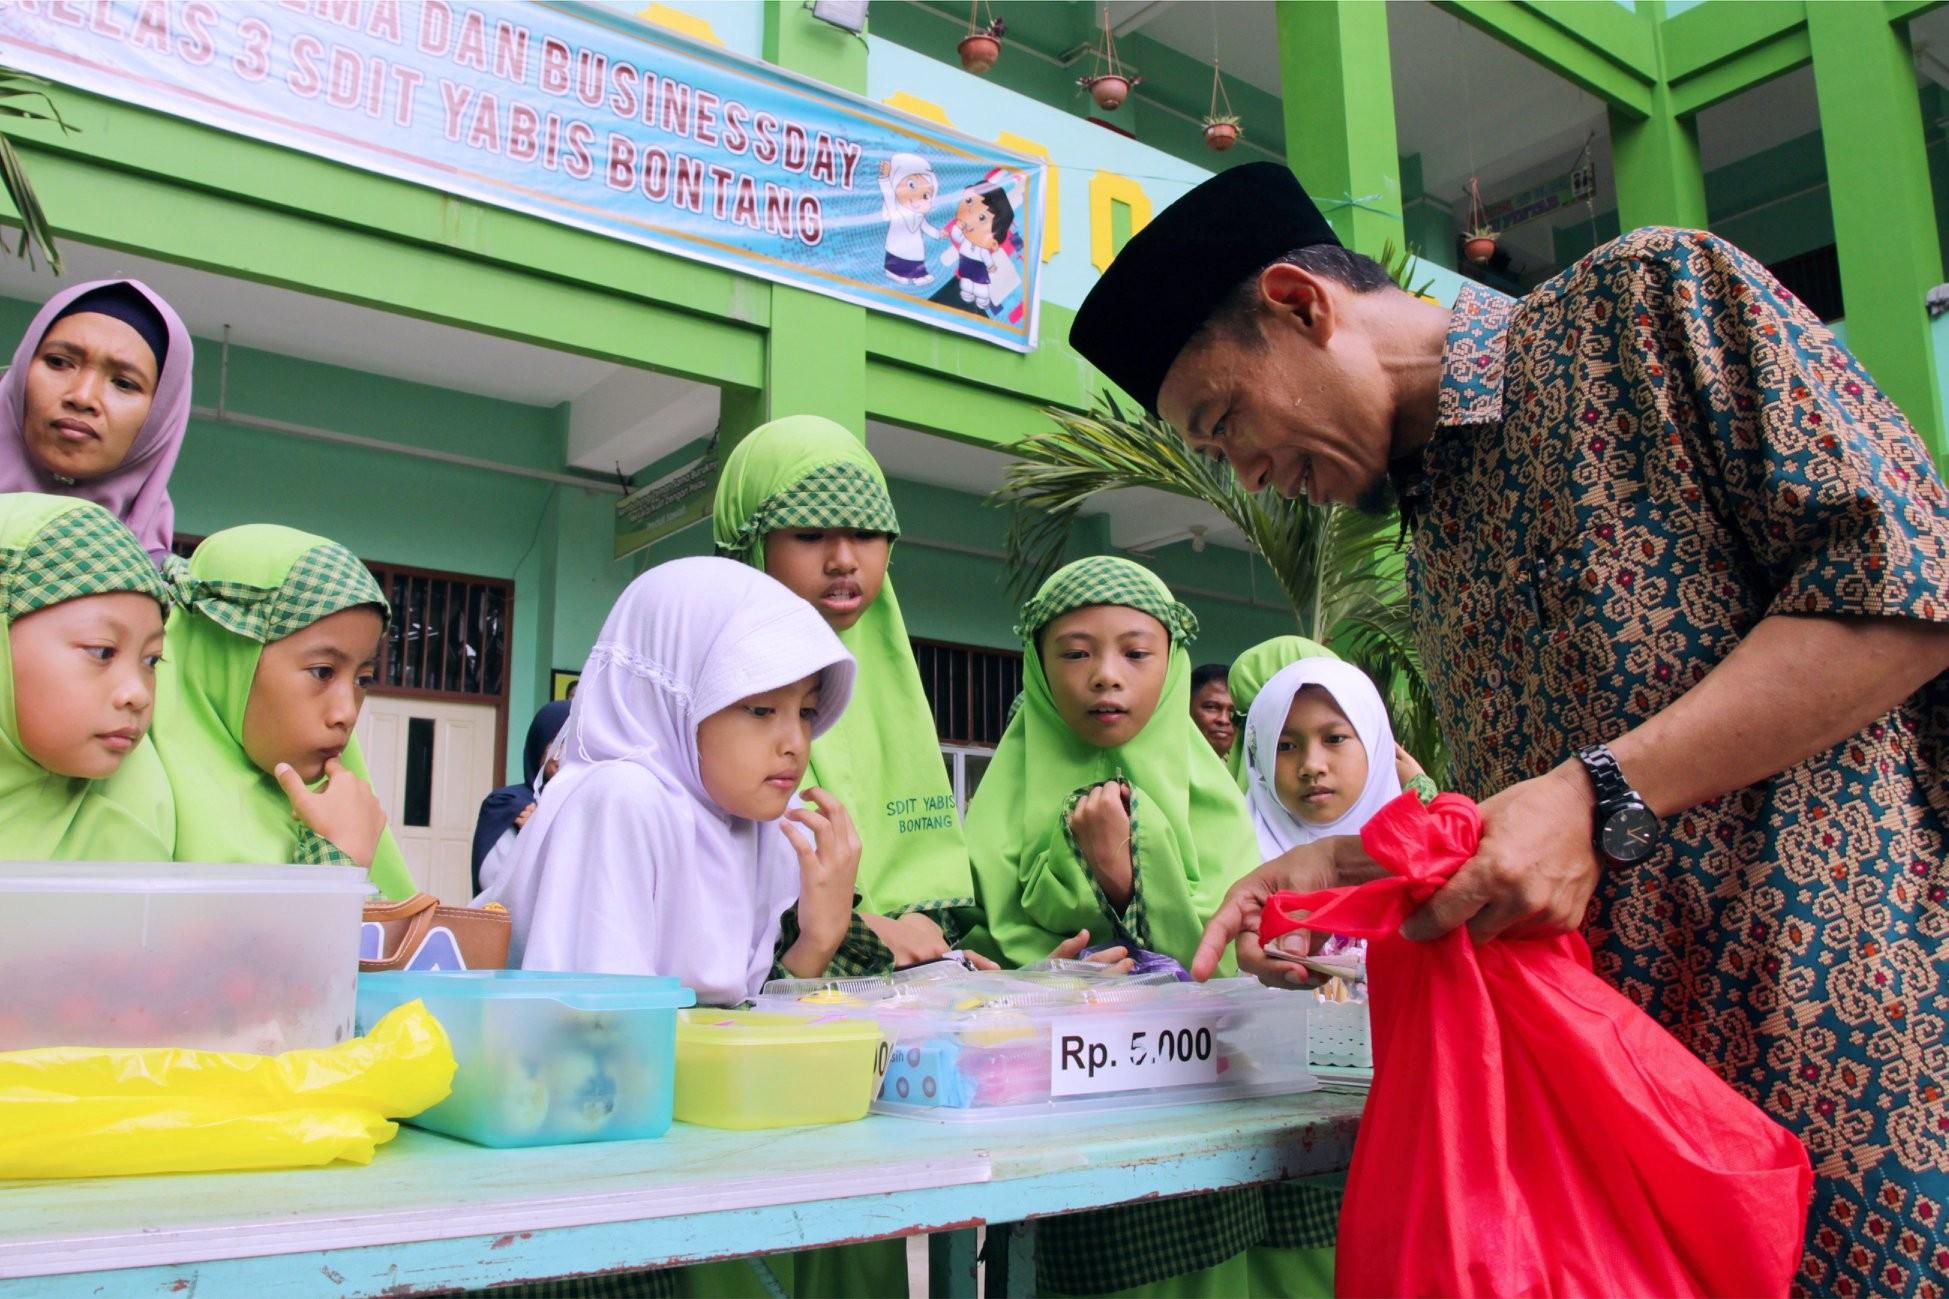 Kuatkan Karakter dan cinta Olahan Nusantara, Siswa SD IT YABIS Ikuti Buisness Day